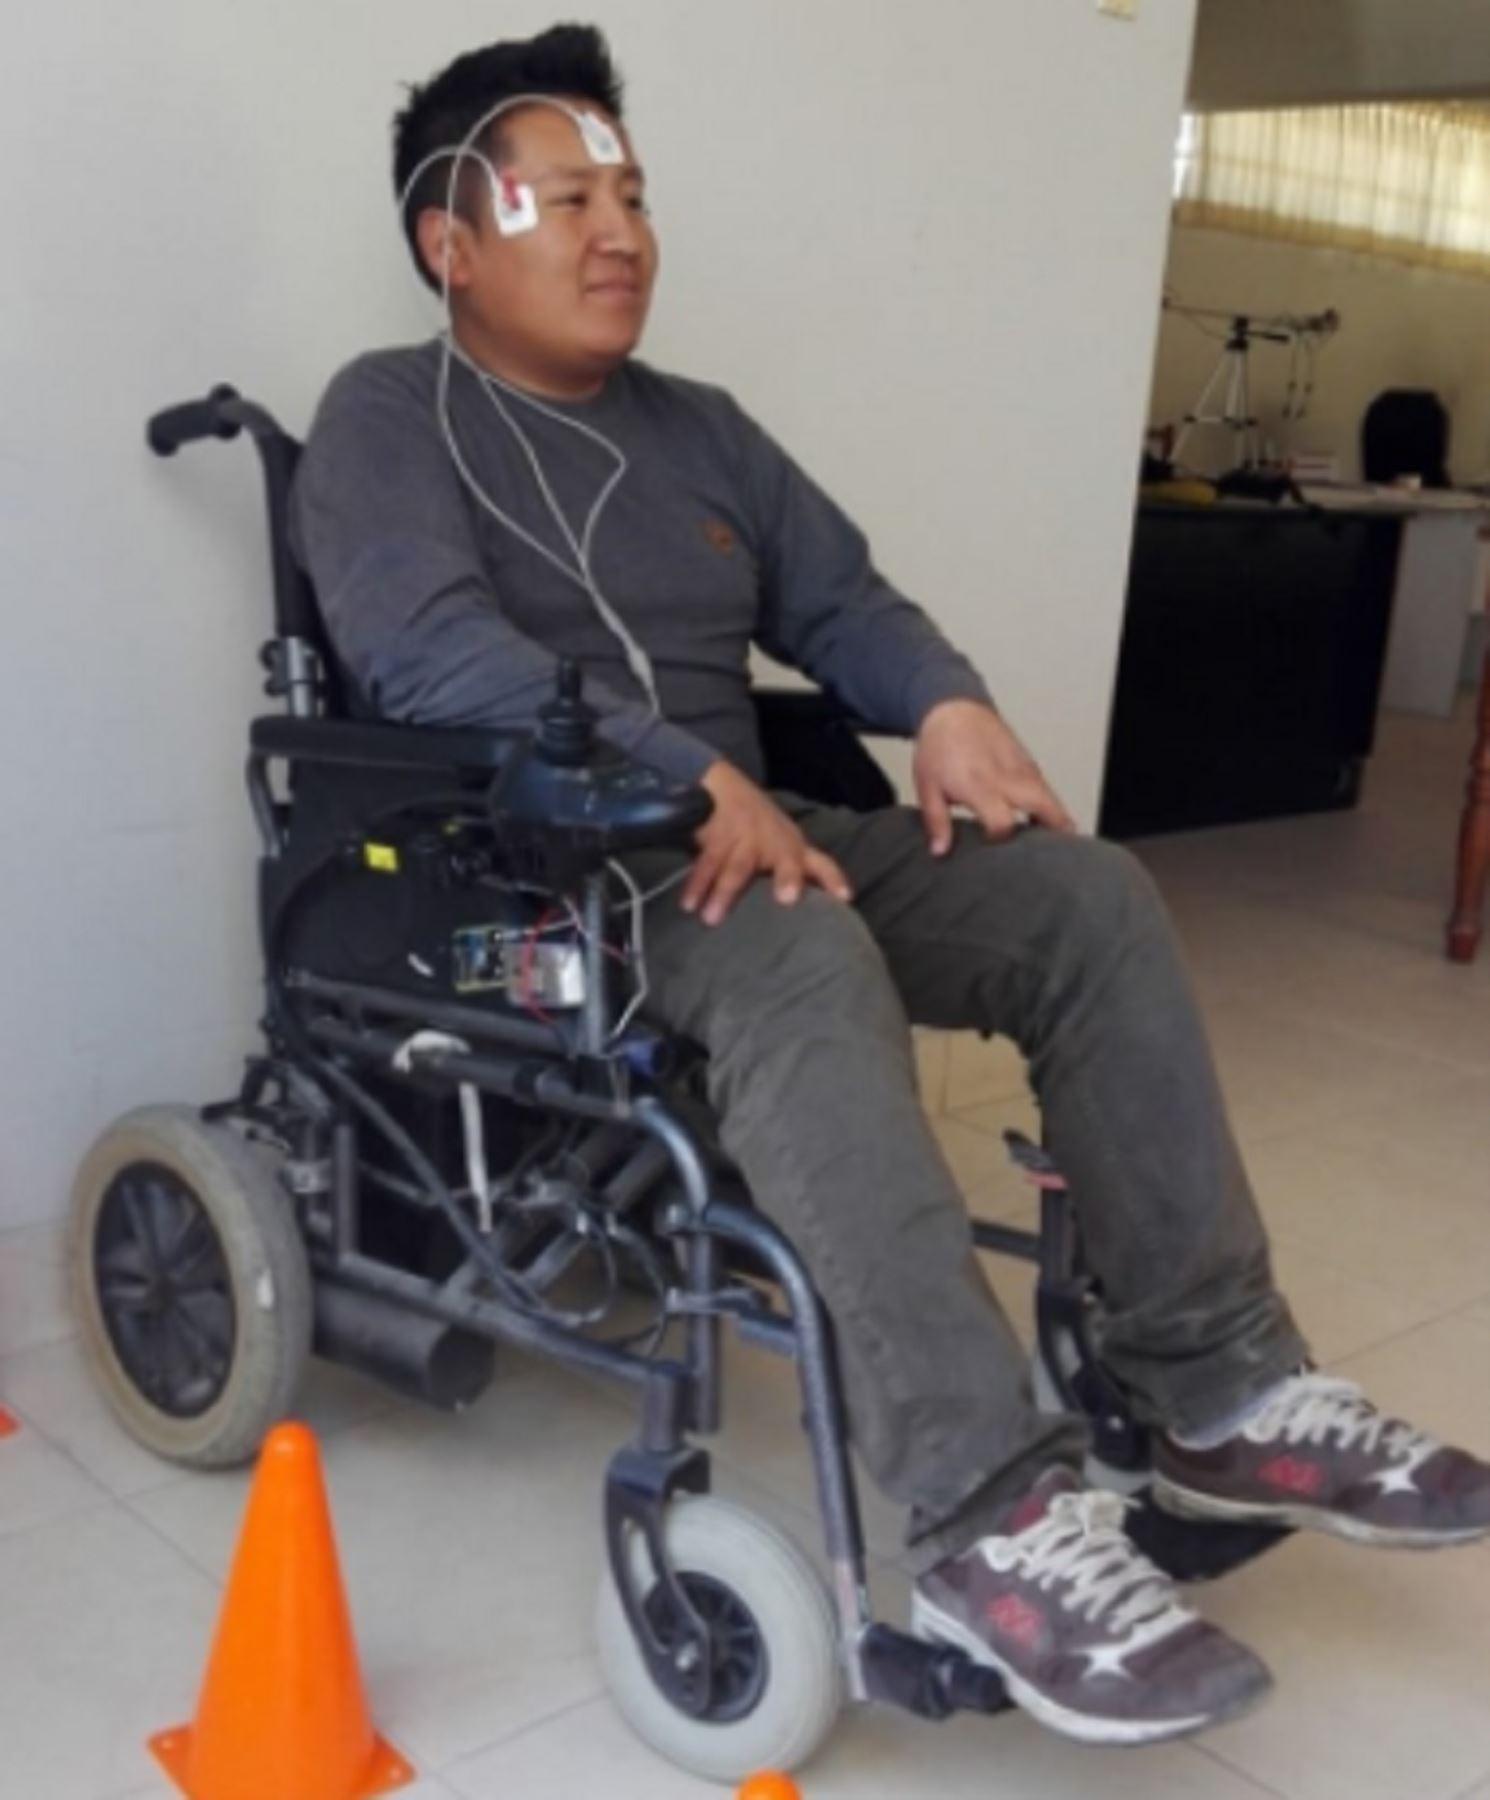 Investigadores de la Universidad Nacional de San Agustín de Arequipa hicieron un importante aporte tecnológico para mejorar la calidad de vida de las personas con discapacidad motriz al desarrollar una silla de ruedas controlada con los movimientos de sus ojos. Foto: UNSA